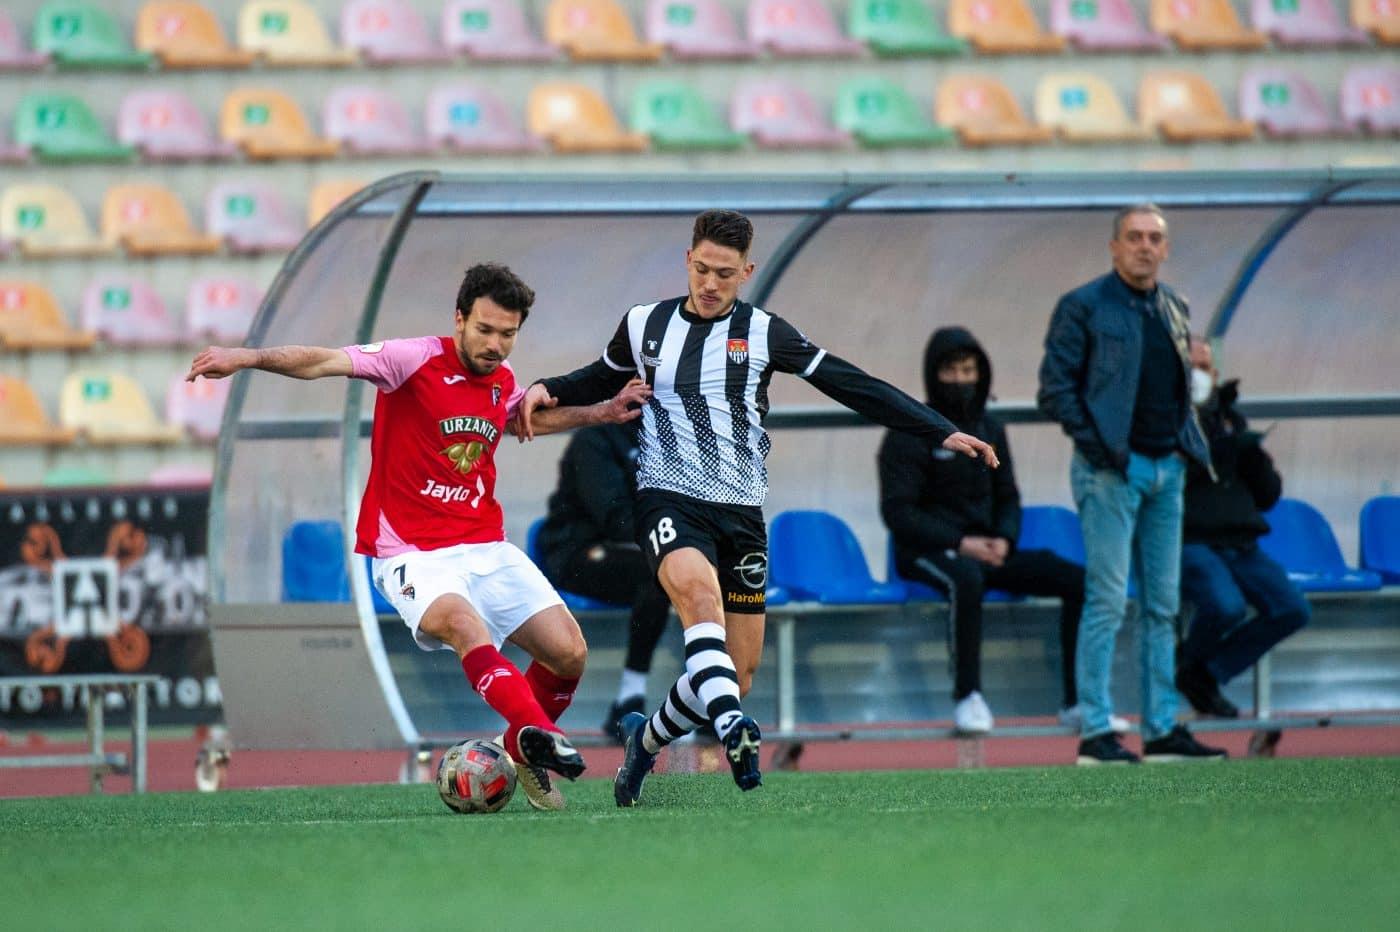 El Tudelano golea a un Haro sin gol en El Mazo 2